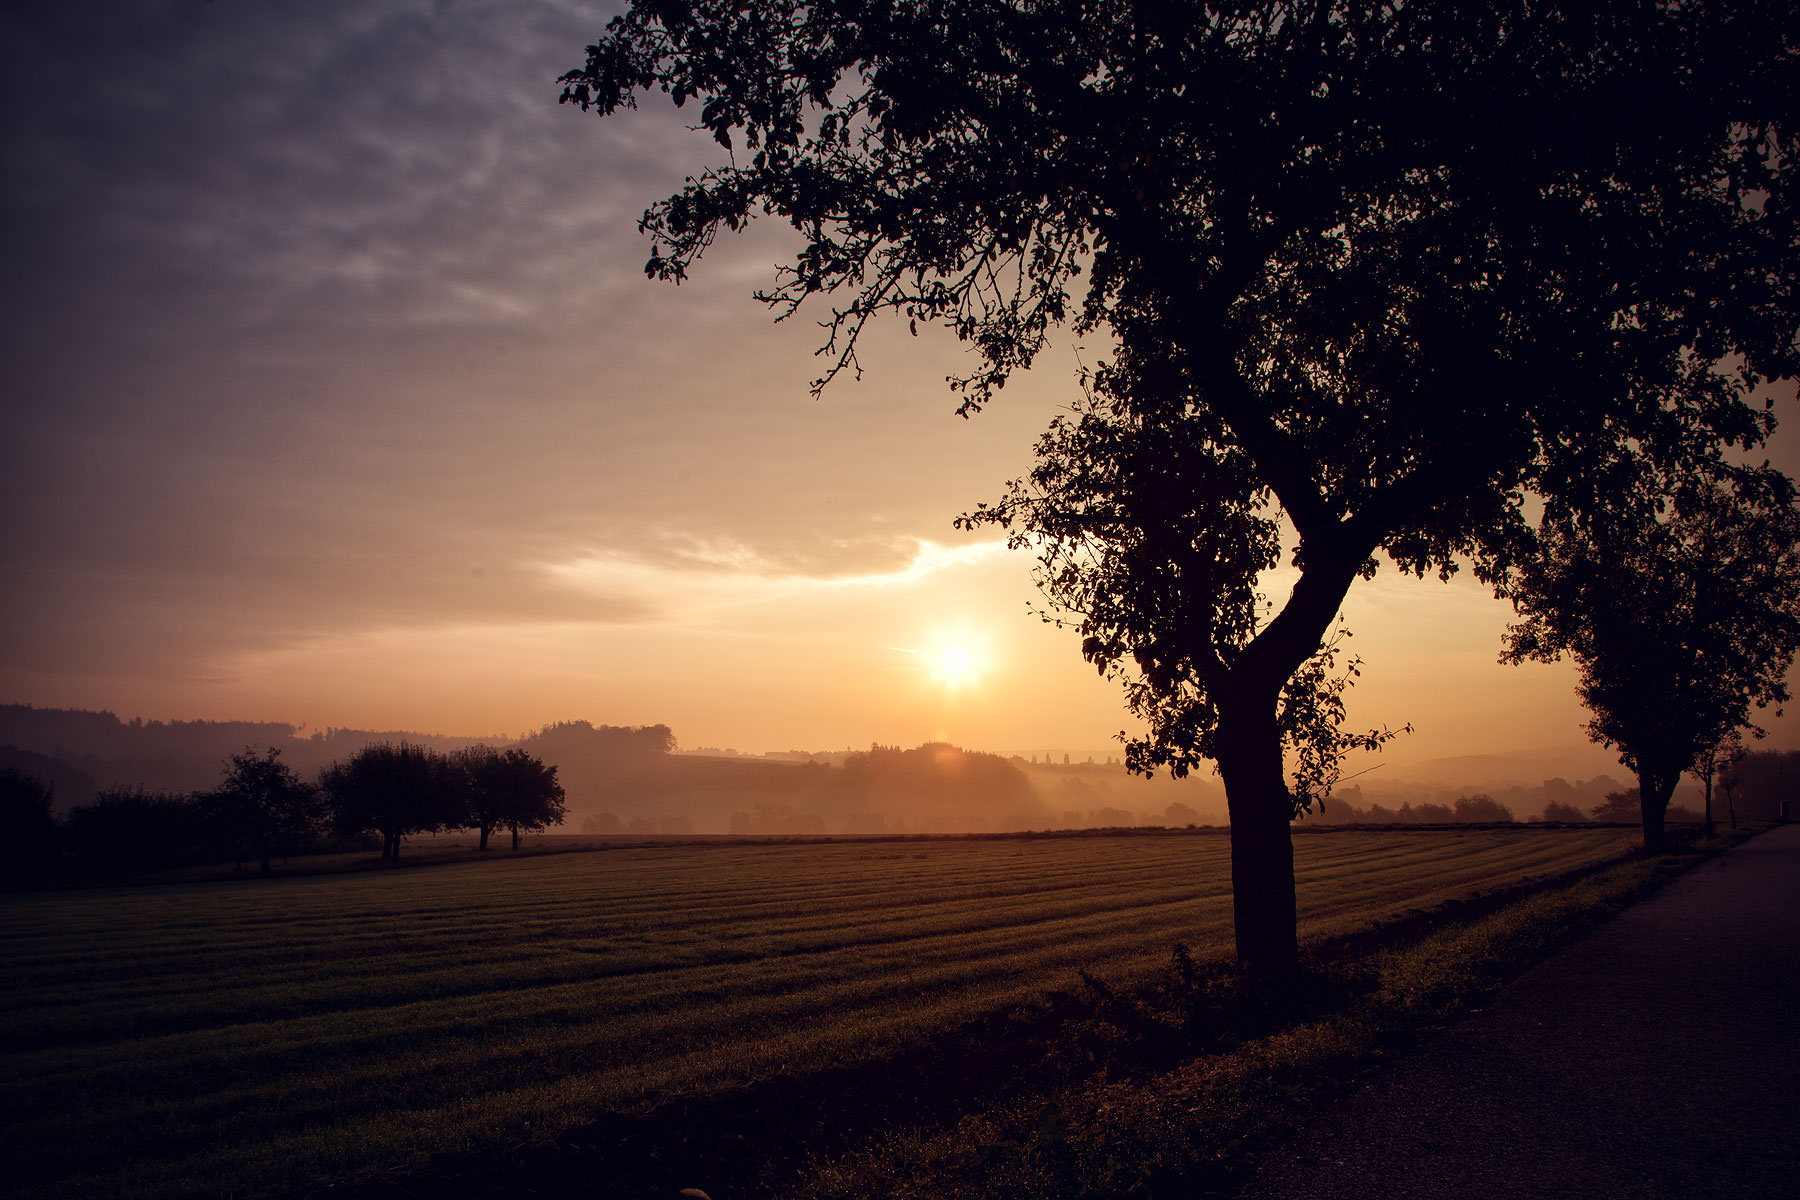 Sonnenaufgang fotografieren lernen